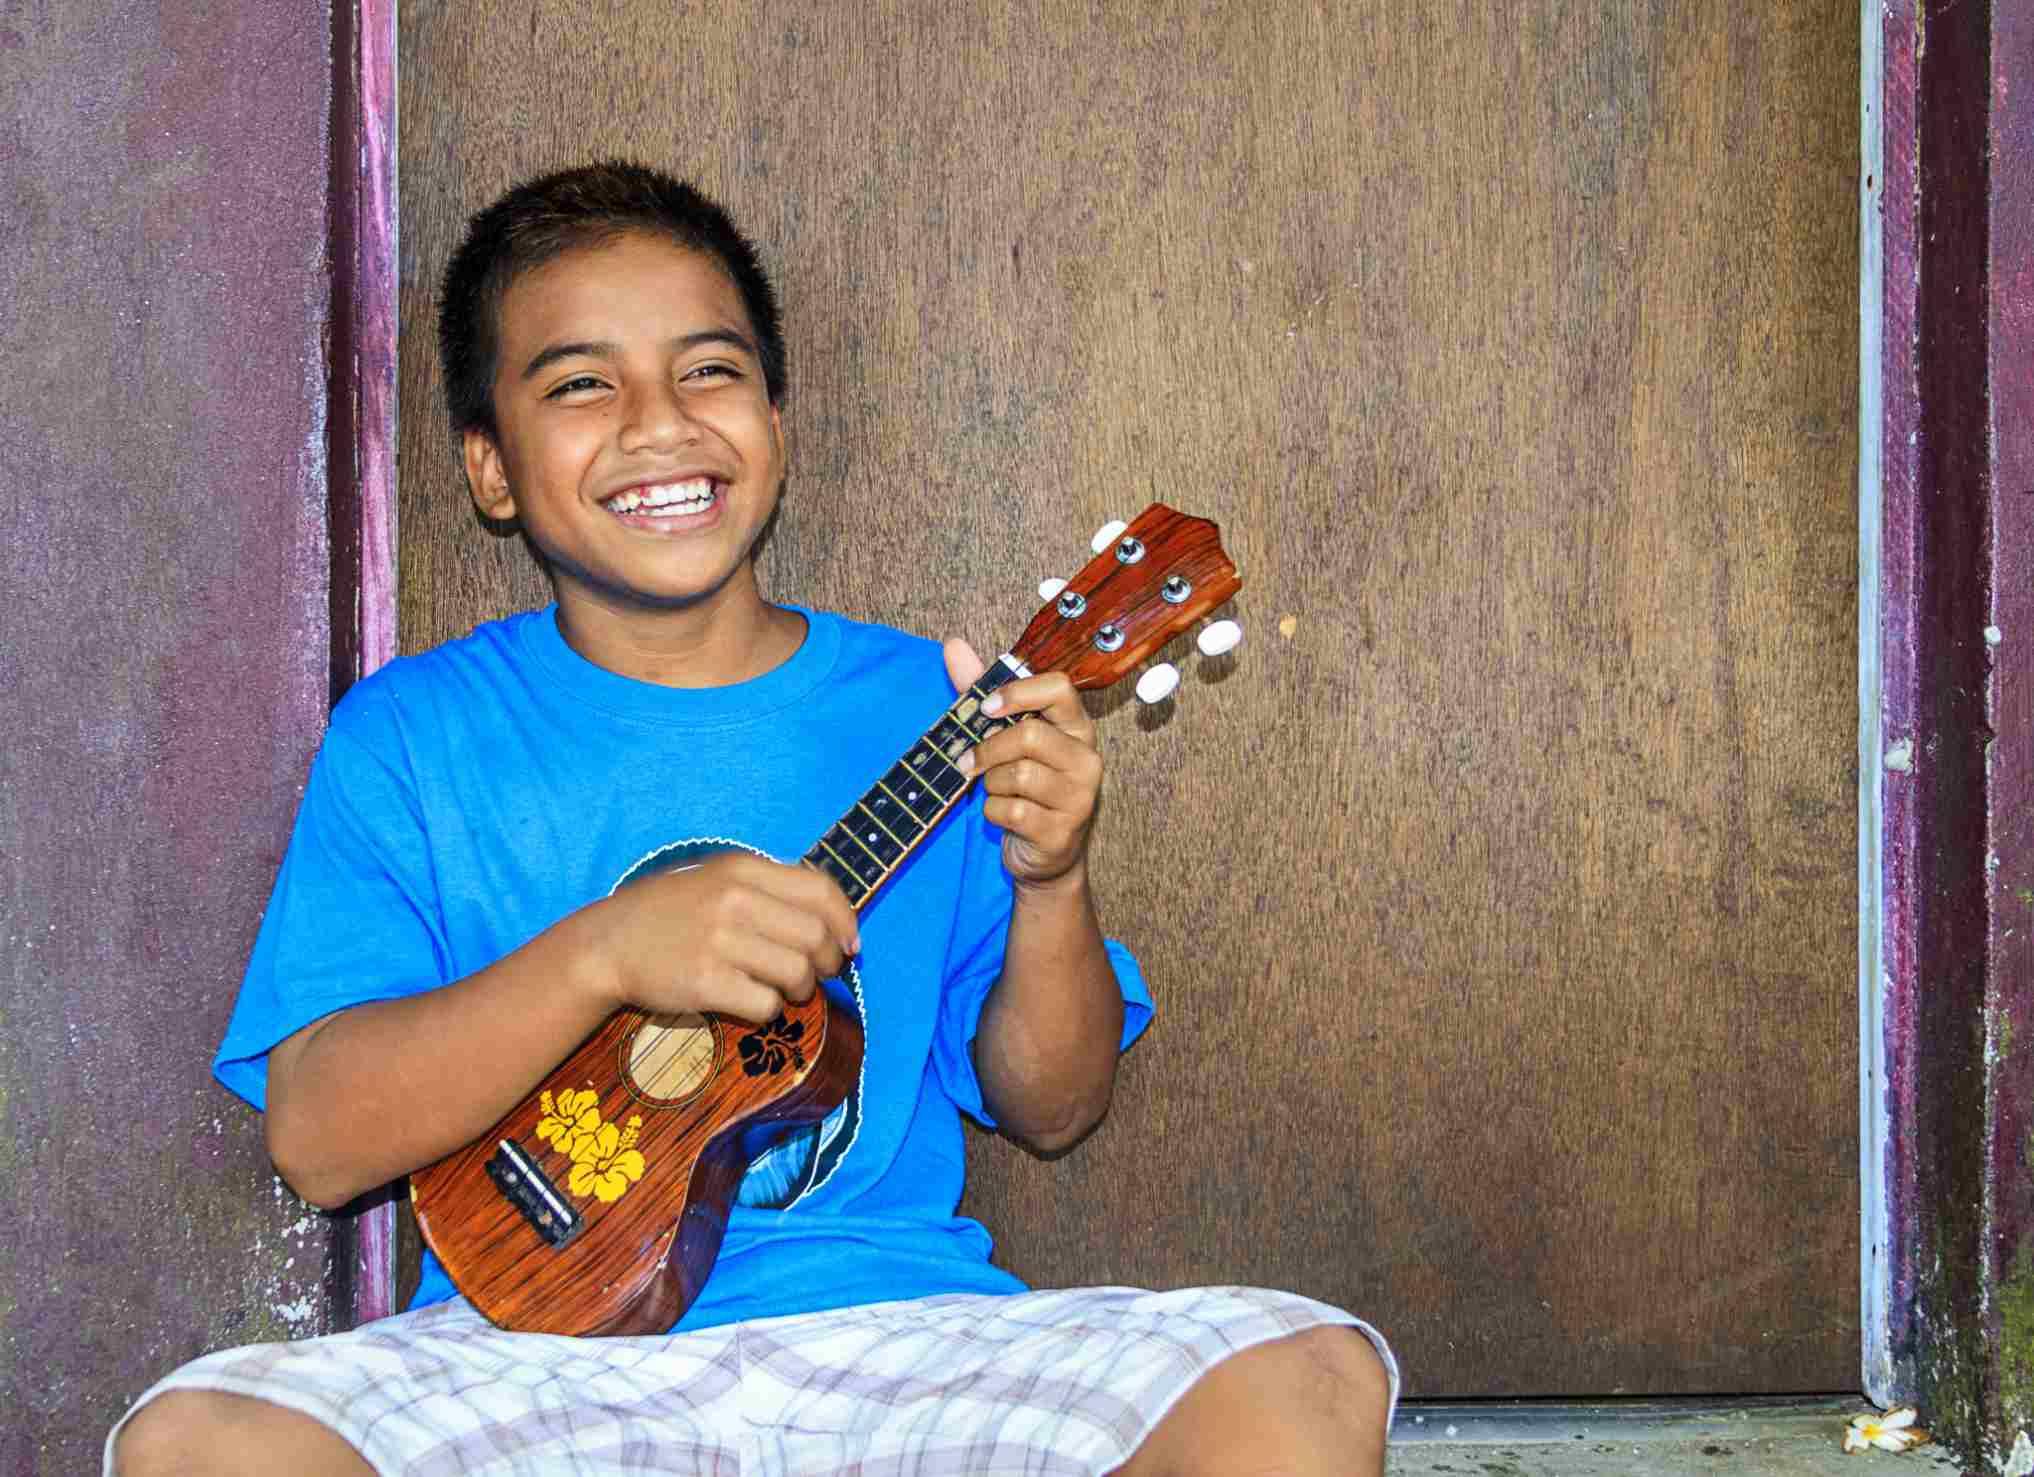 Boy playing a ukelele